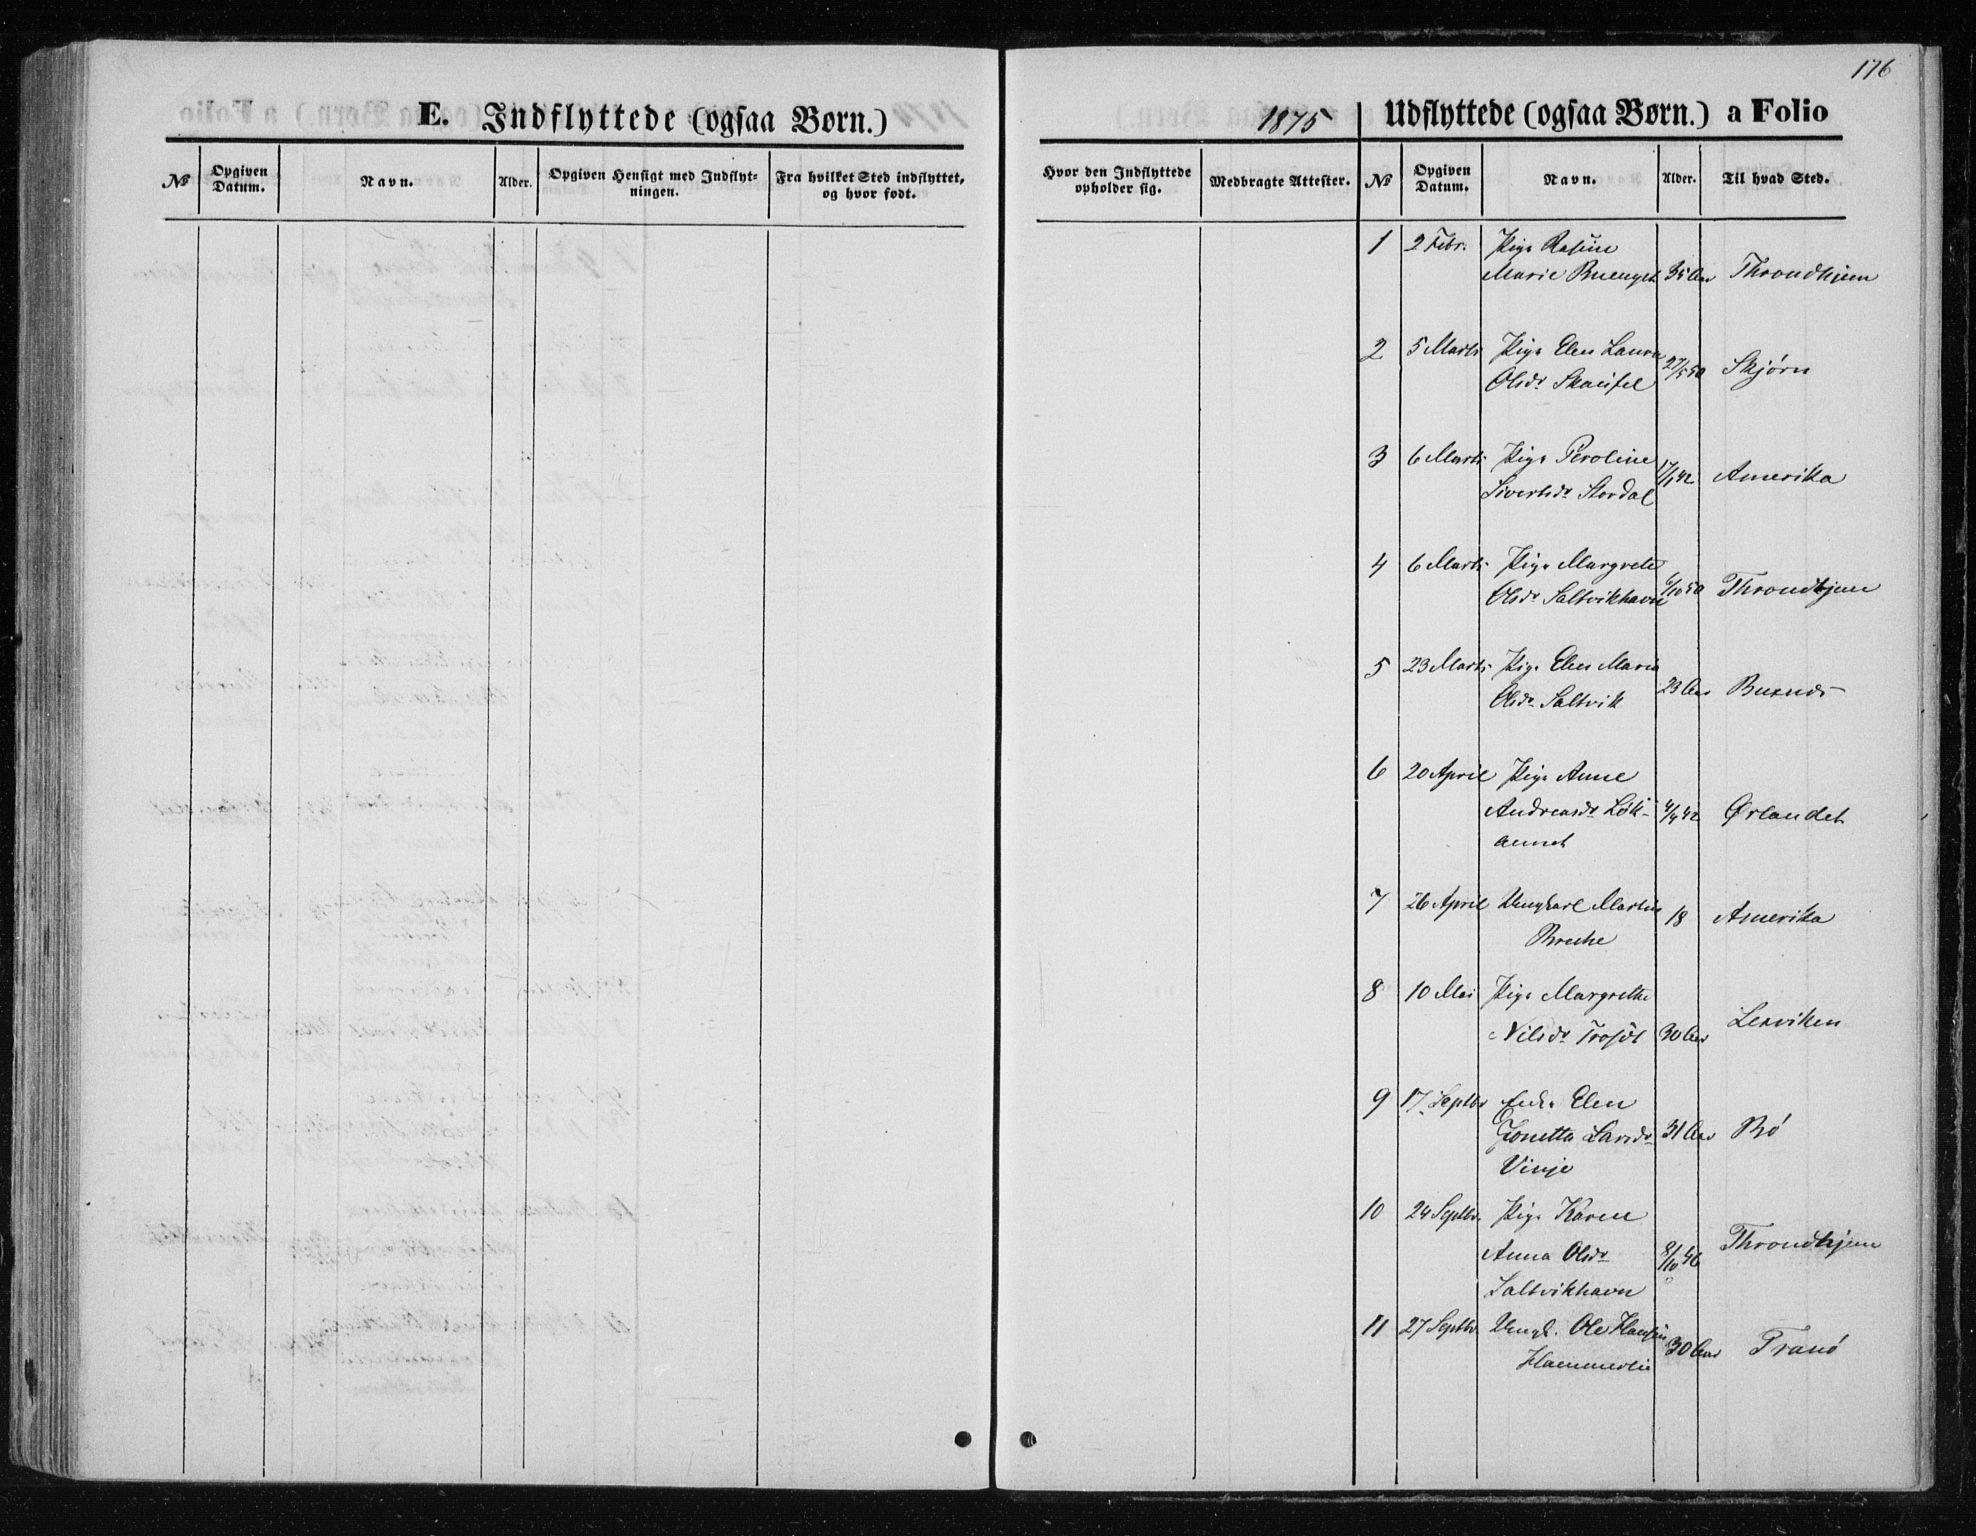 SAT, Ministerialprotokoller, klokkerbøker og fødselsregistre - Nord-Trøndelag, 733/L0324: Ministerialbok nr. 733A03, 1870-1883, s. 176